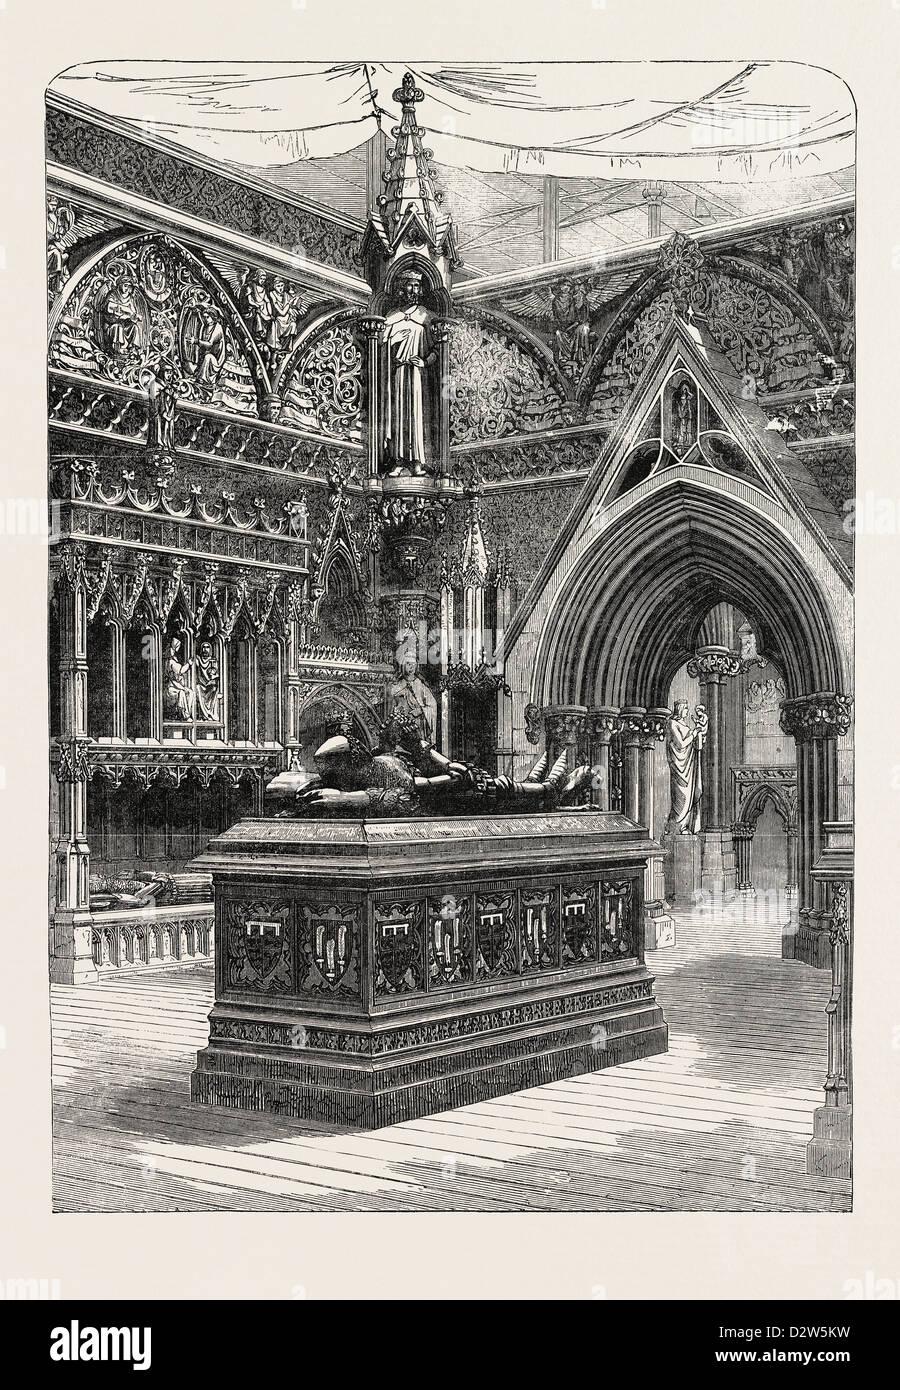 THE ENGLISH MEDIAEVAL COURT AT THE CRYSTAL PALACE SYDENHAM 1854 UK - Stock Image